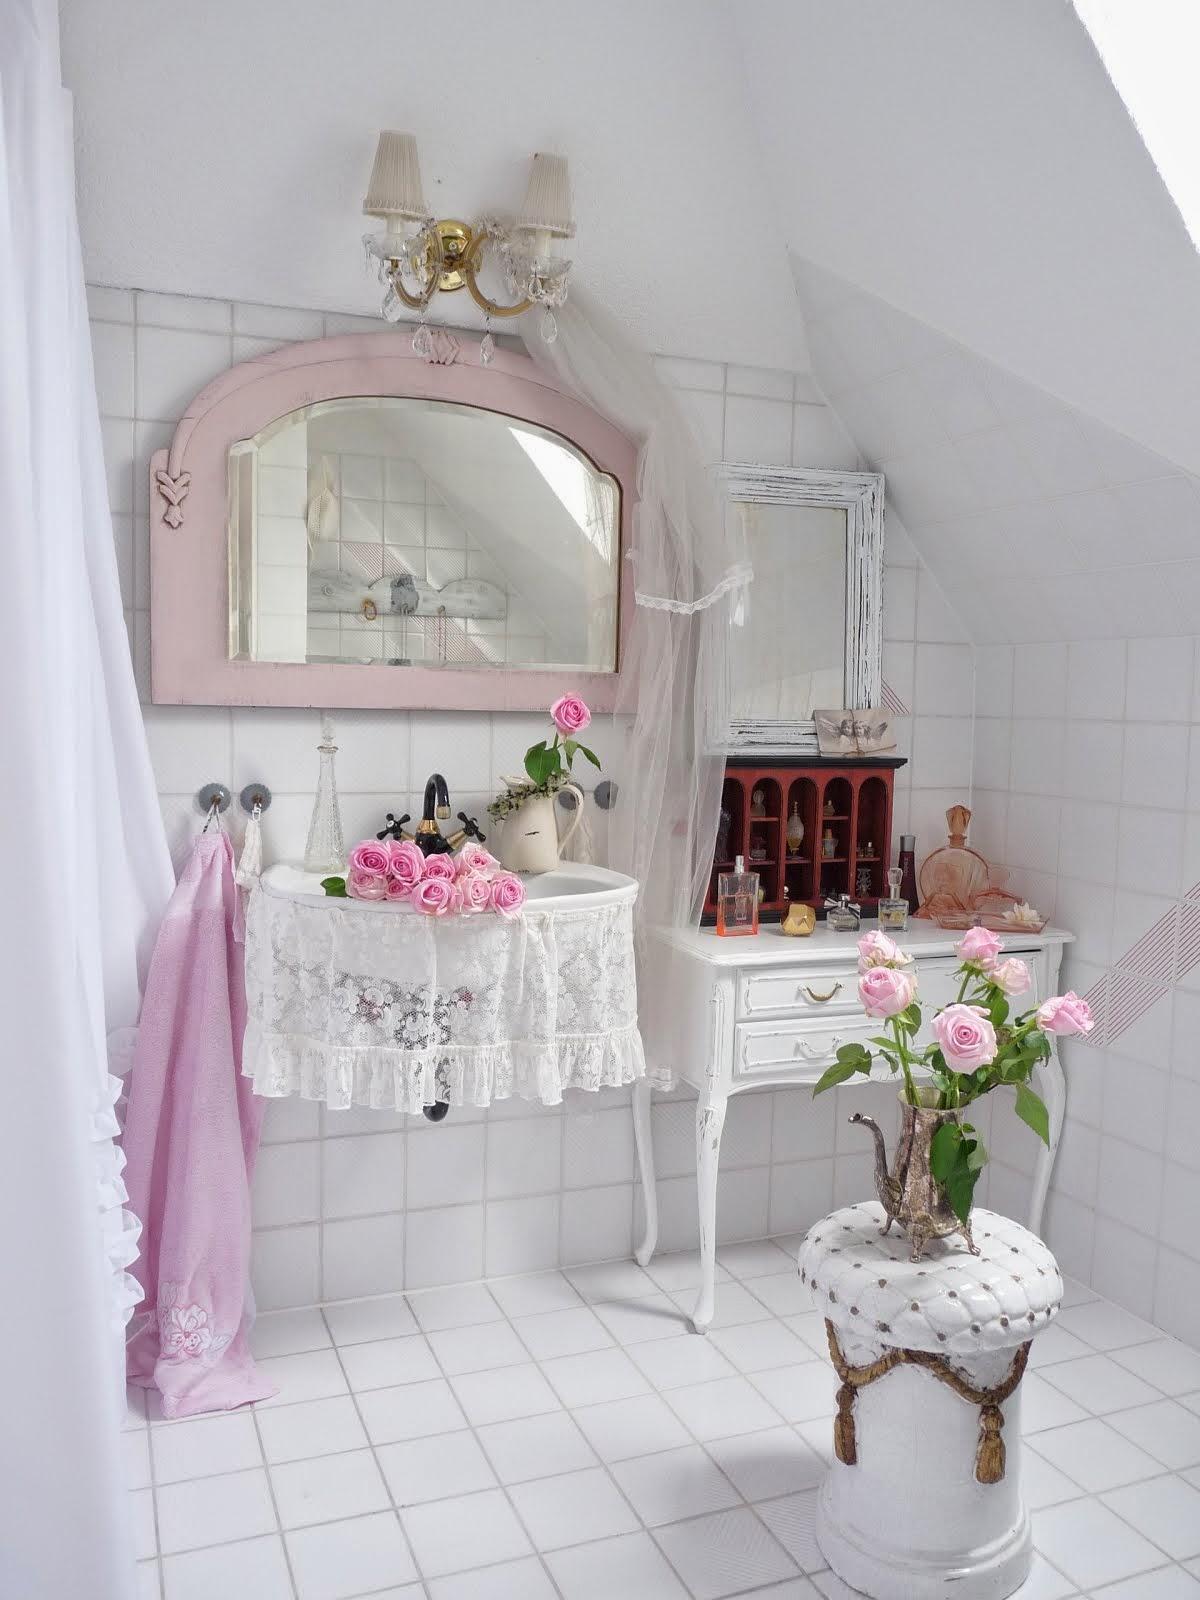 Bad im Schlafzimmer